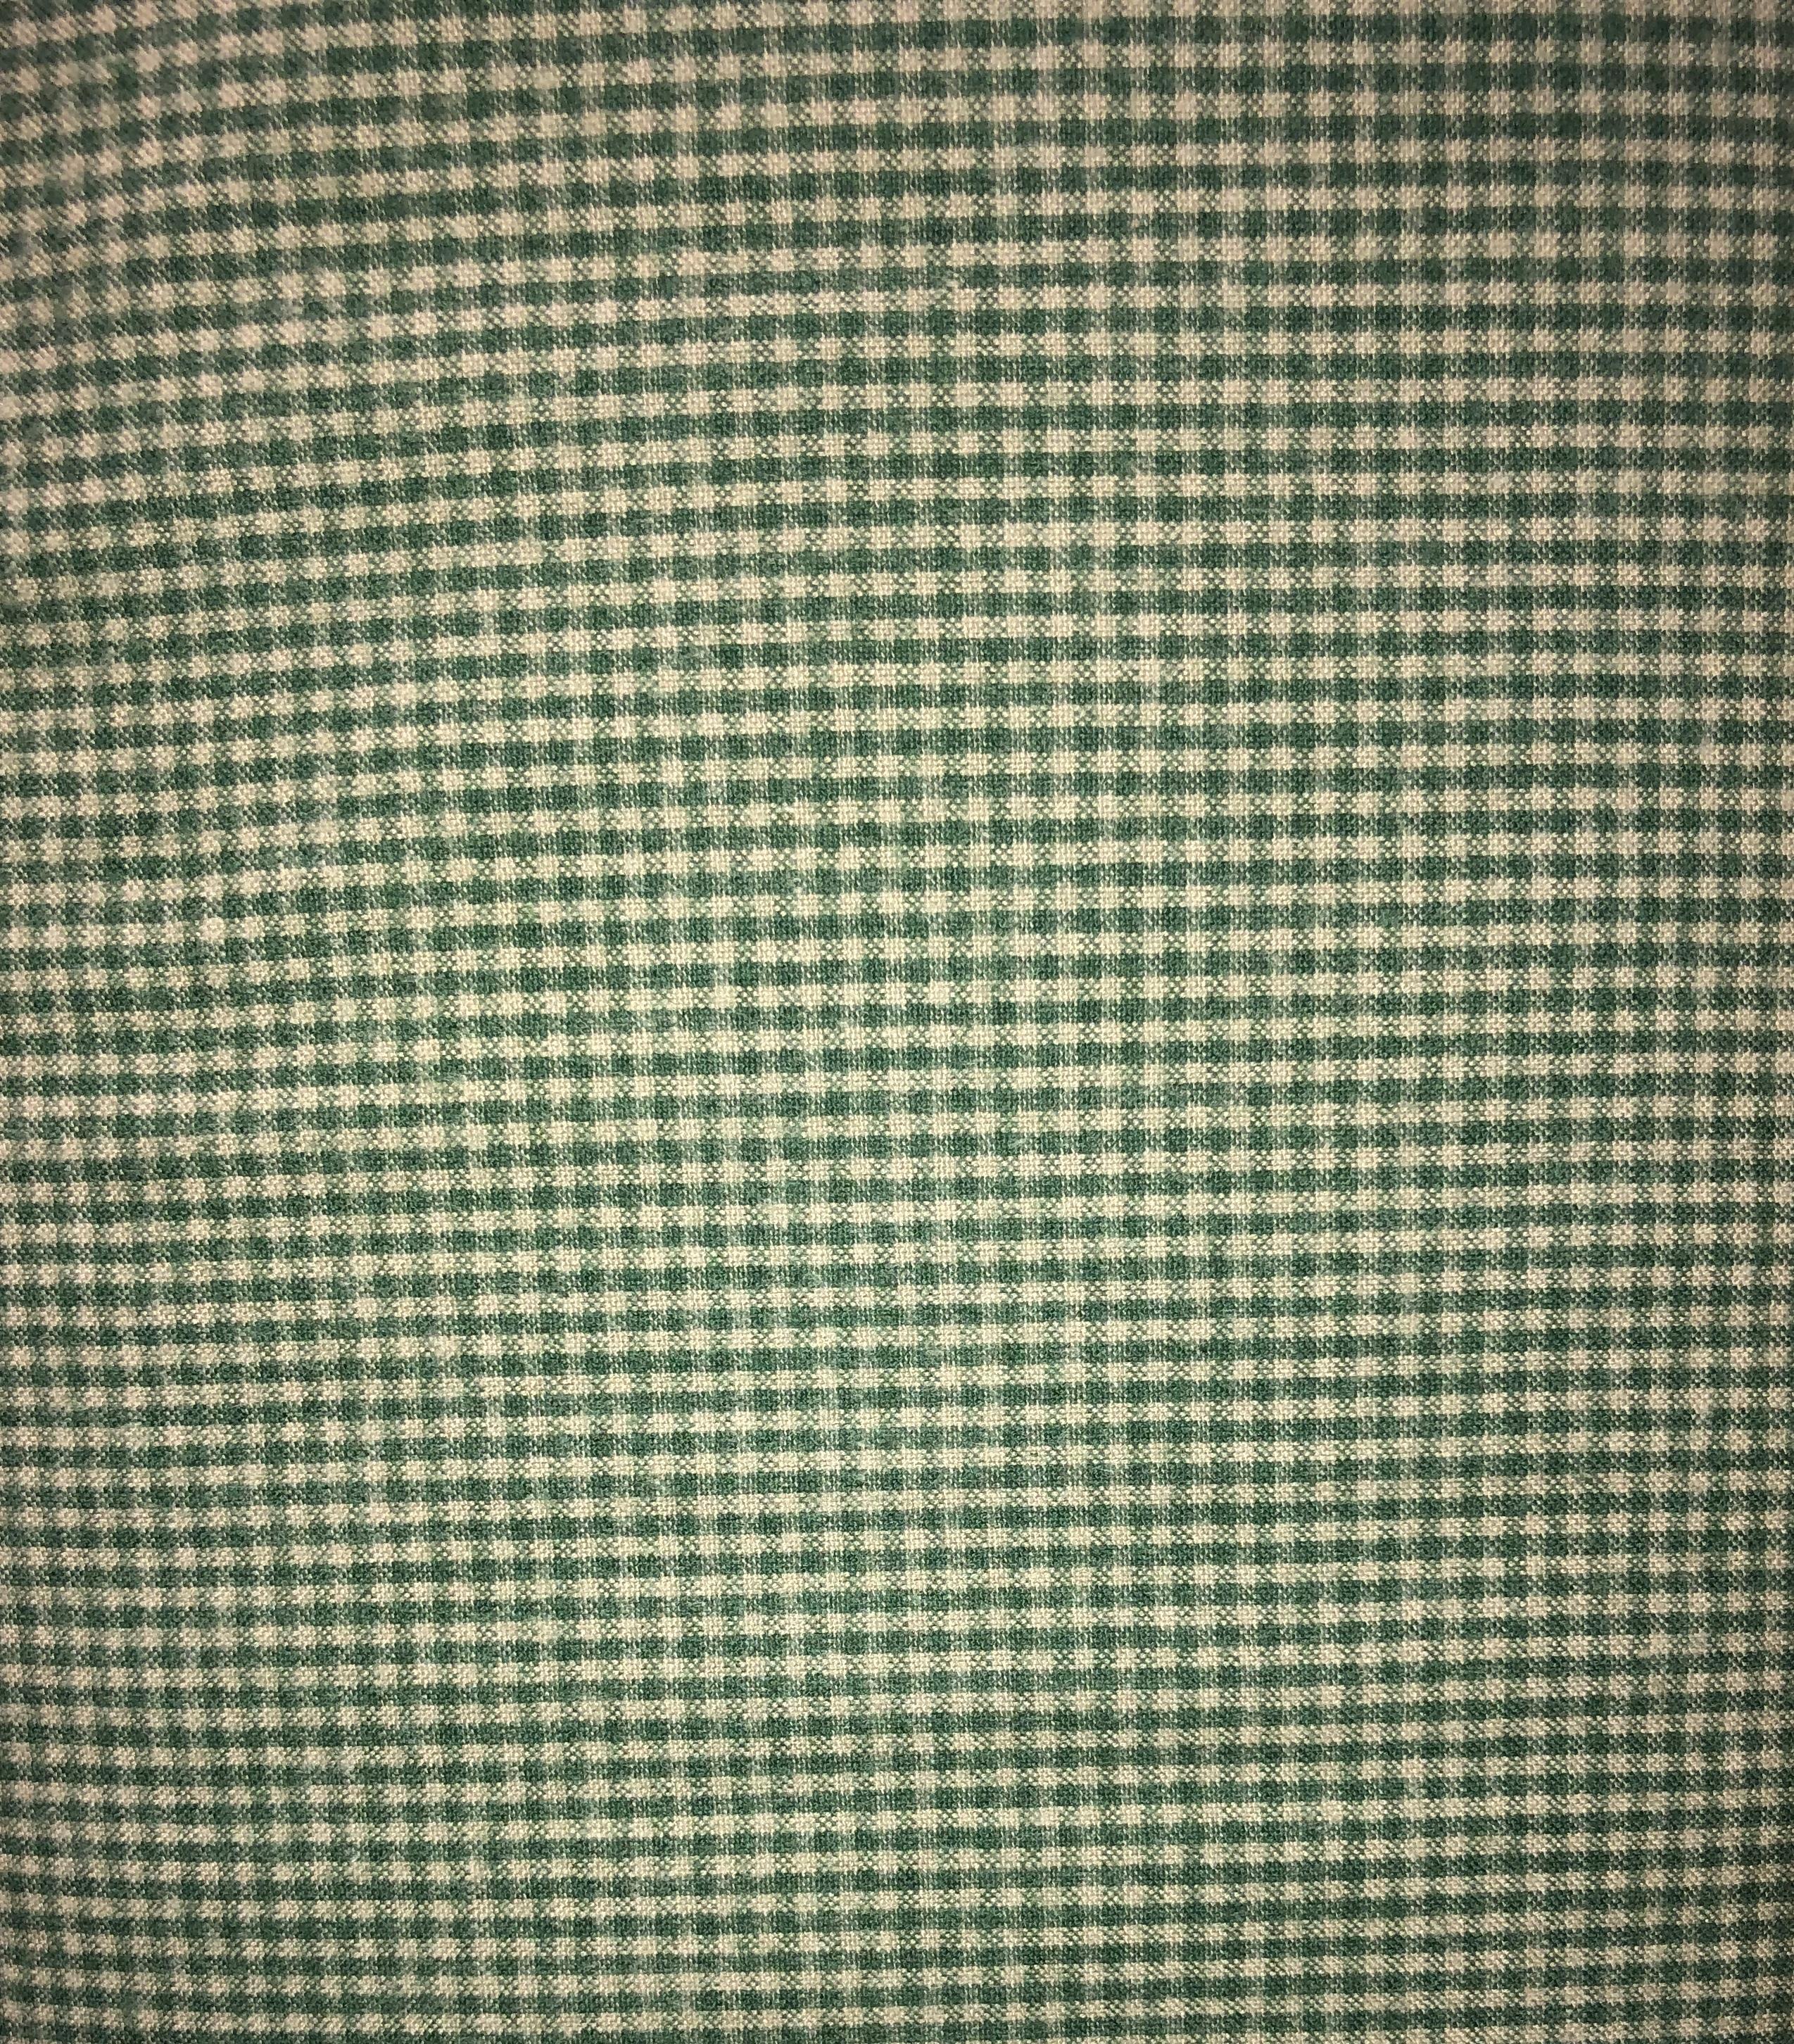 Yarn Dyed Flannel - Green Check - 1/2m cut 55166